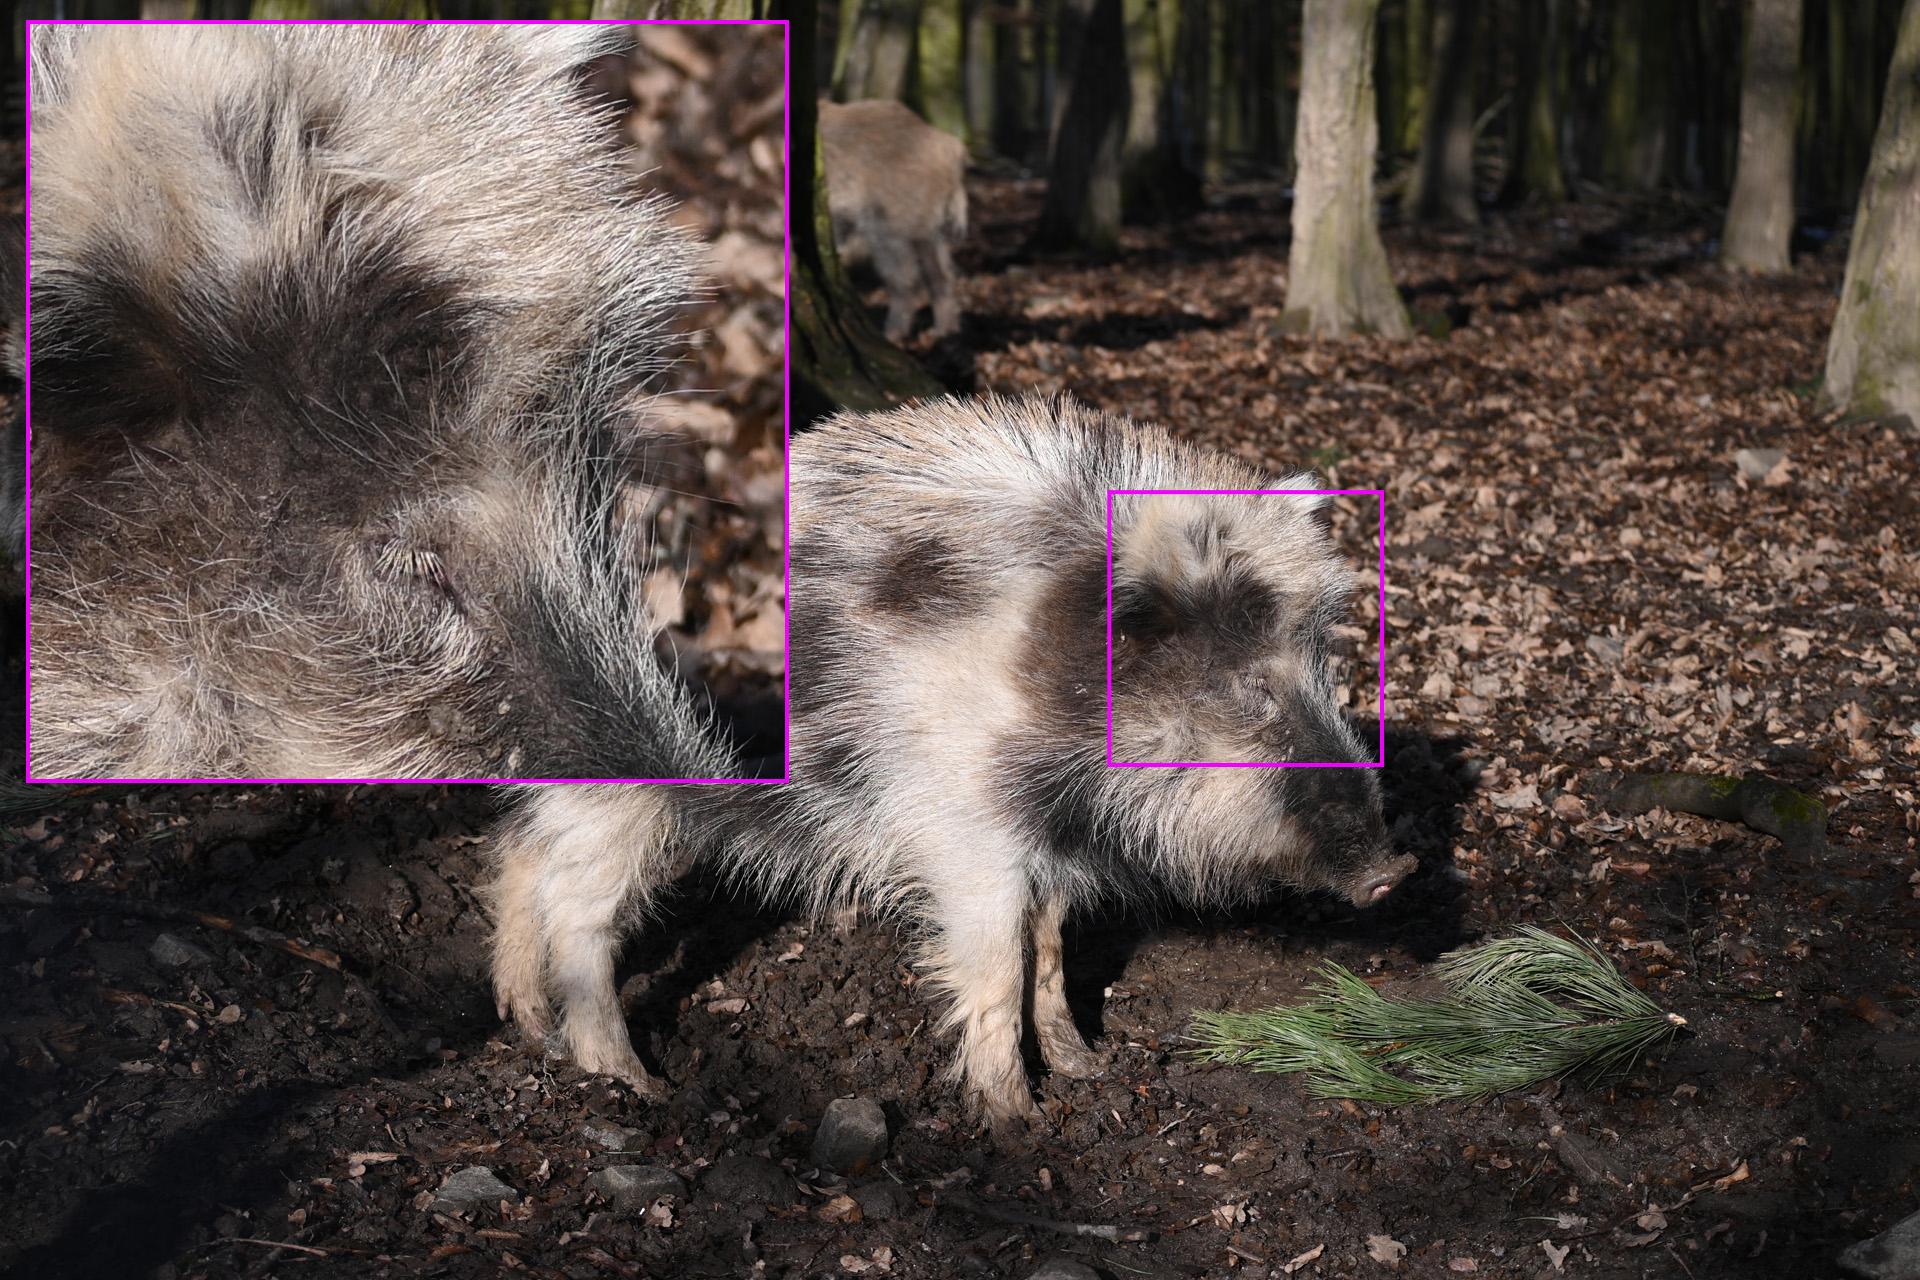 Fotografie v JPEGu bez úprav. Ohnisko 64 mm, plně otevřená clona (F4,8)